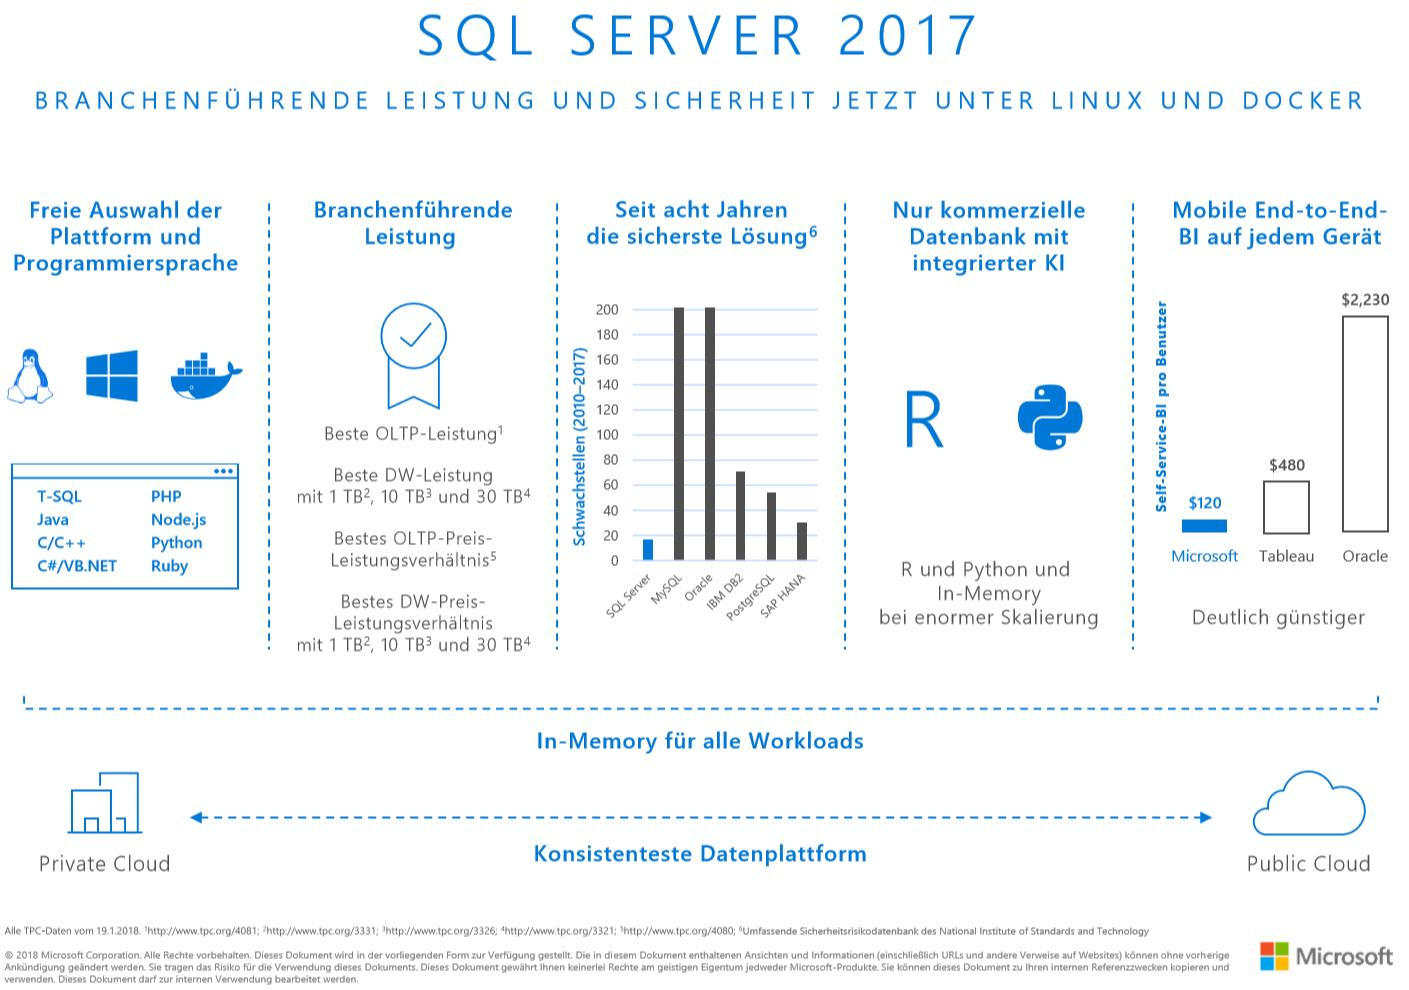 SQL_SERVER_2017